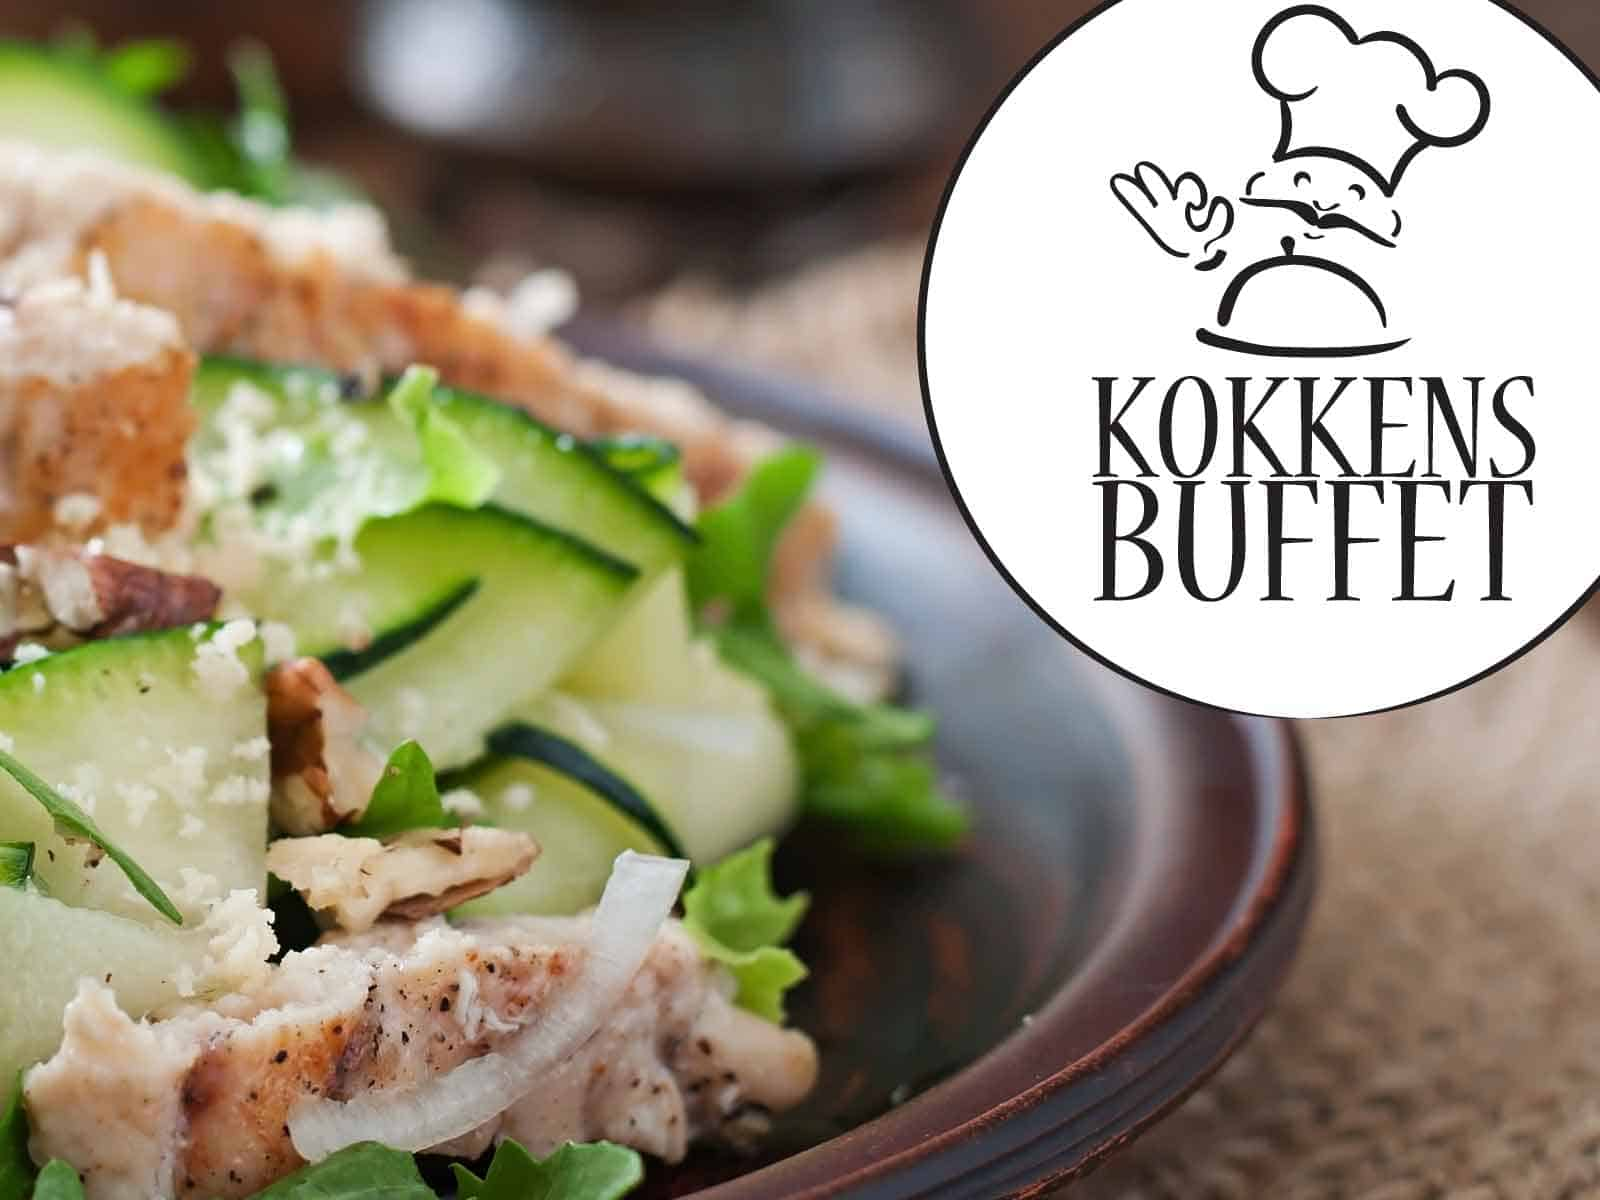 facebook-kokken-buffet-sensommer-buffet-ud-af-huset.jpg